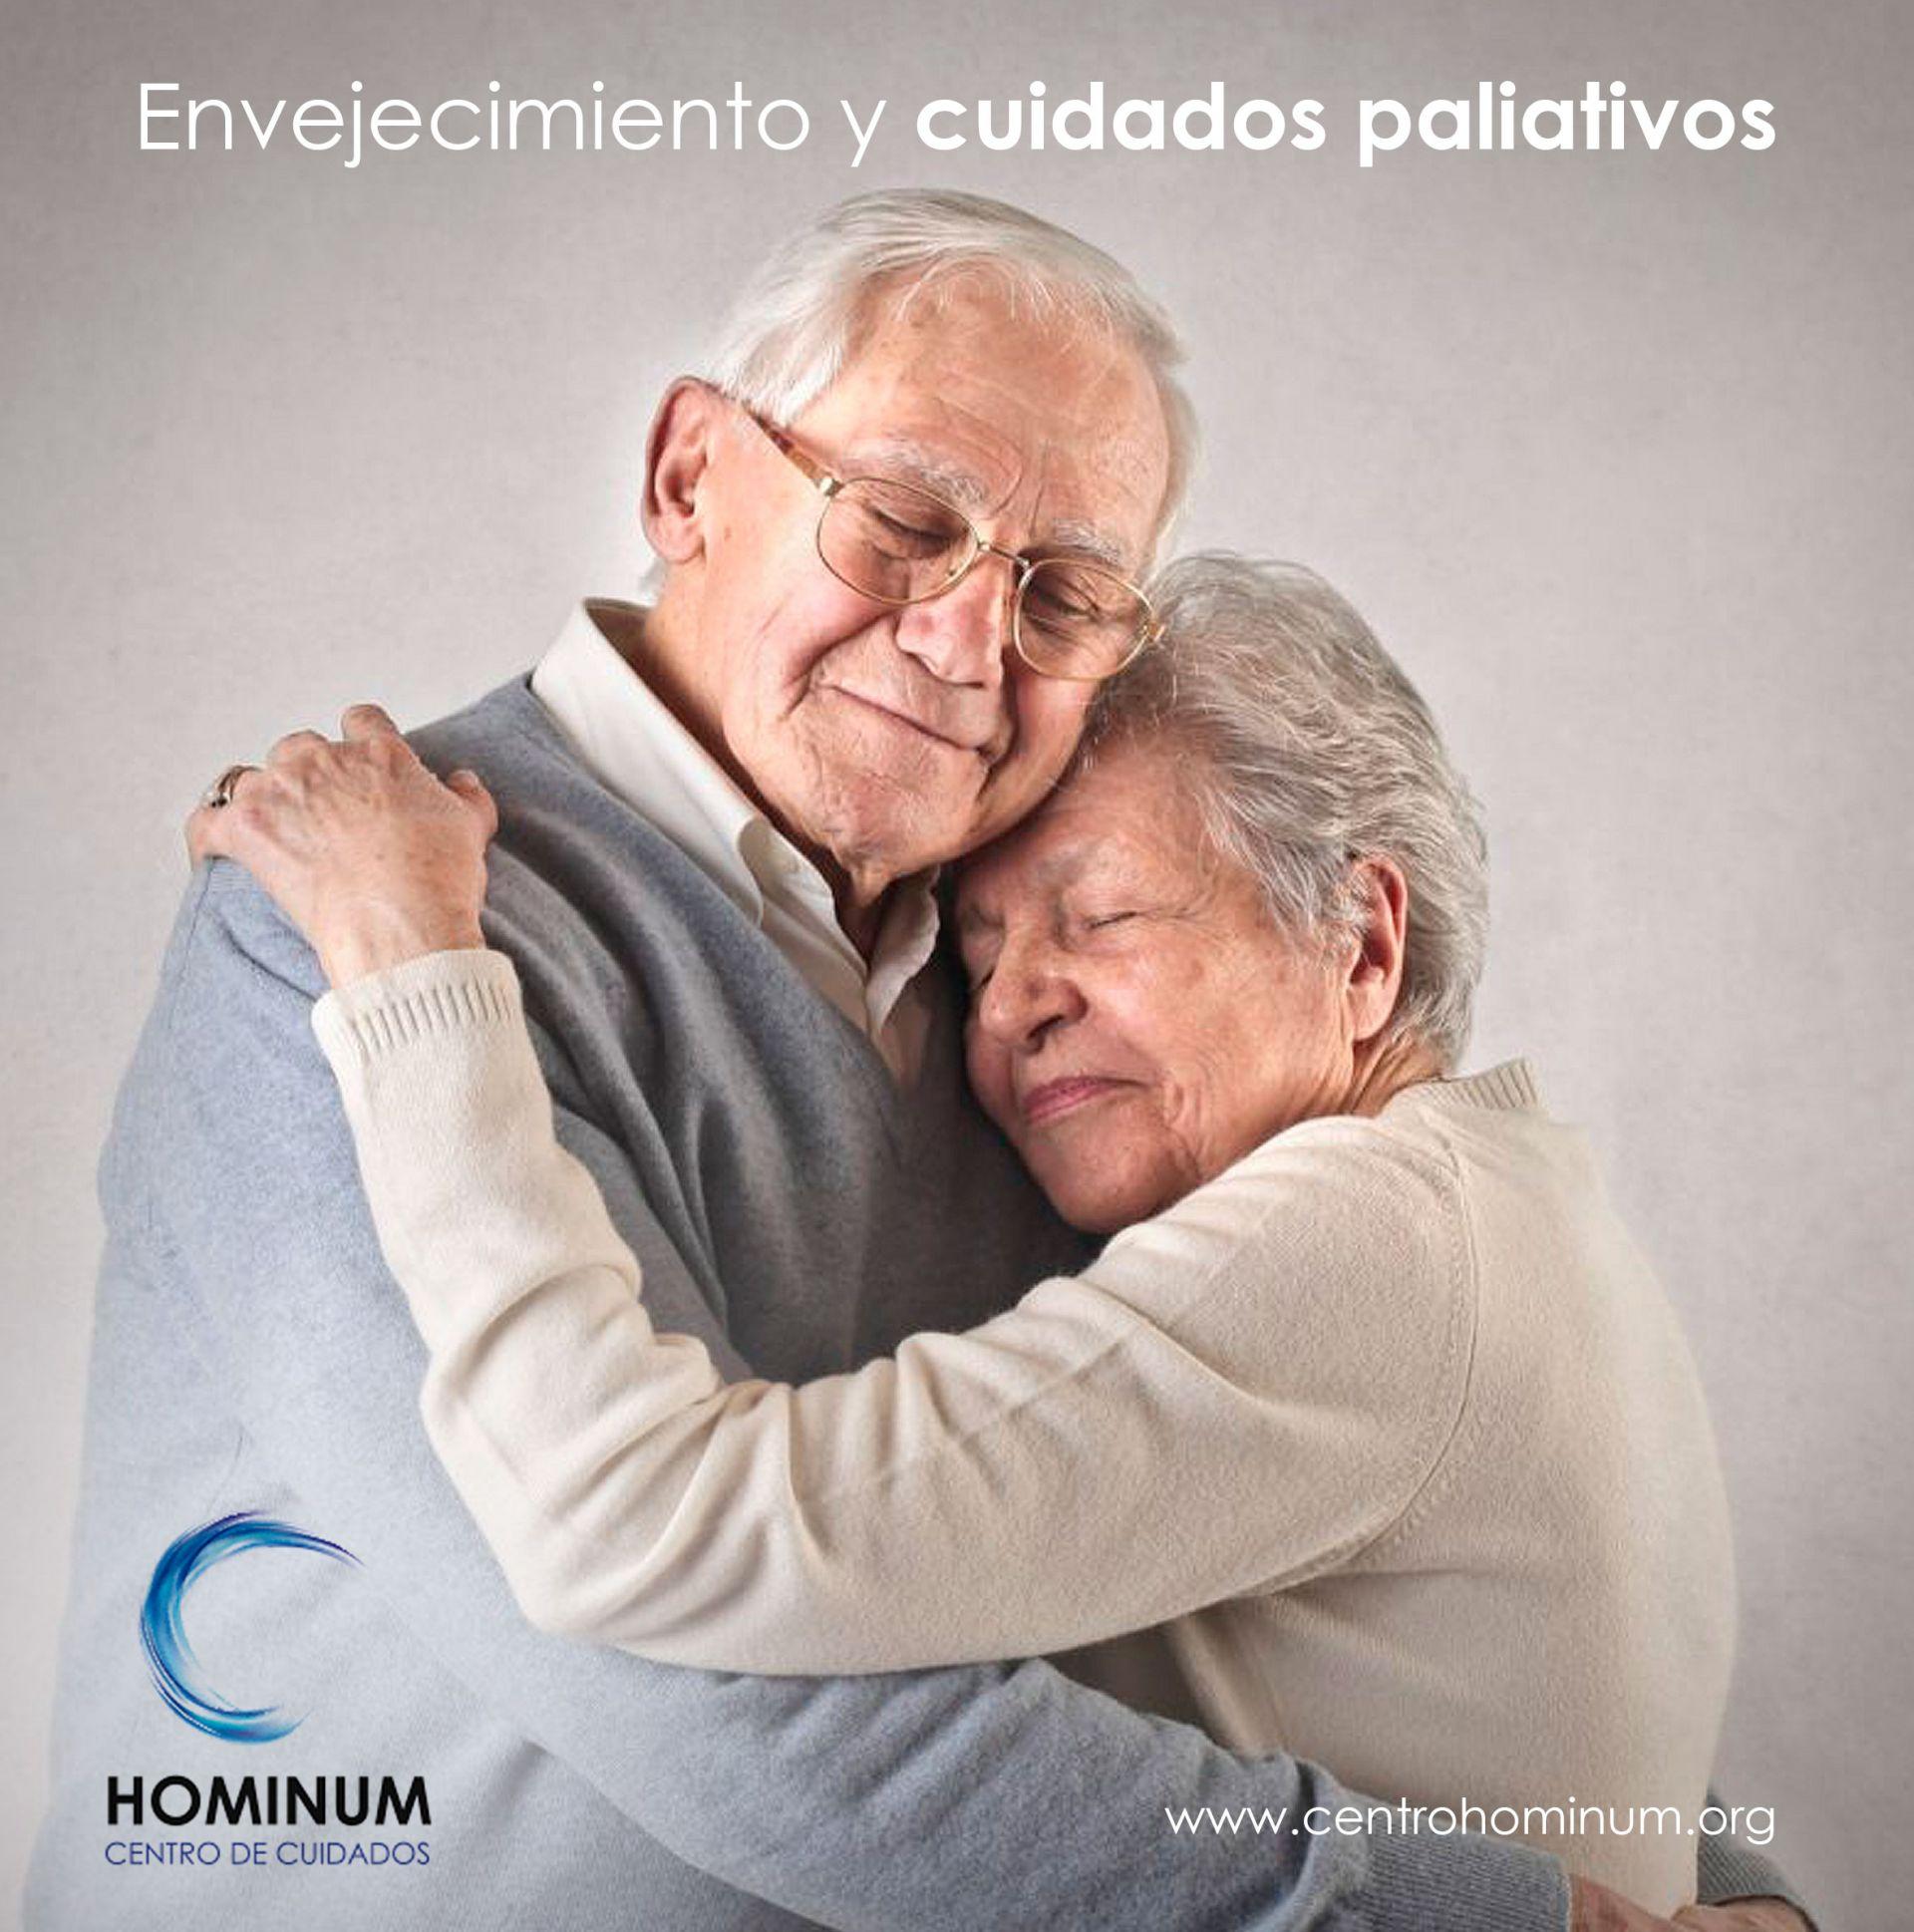 Envejecimiento y cuidados paliativos